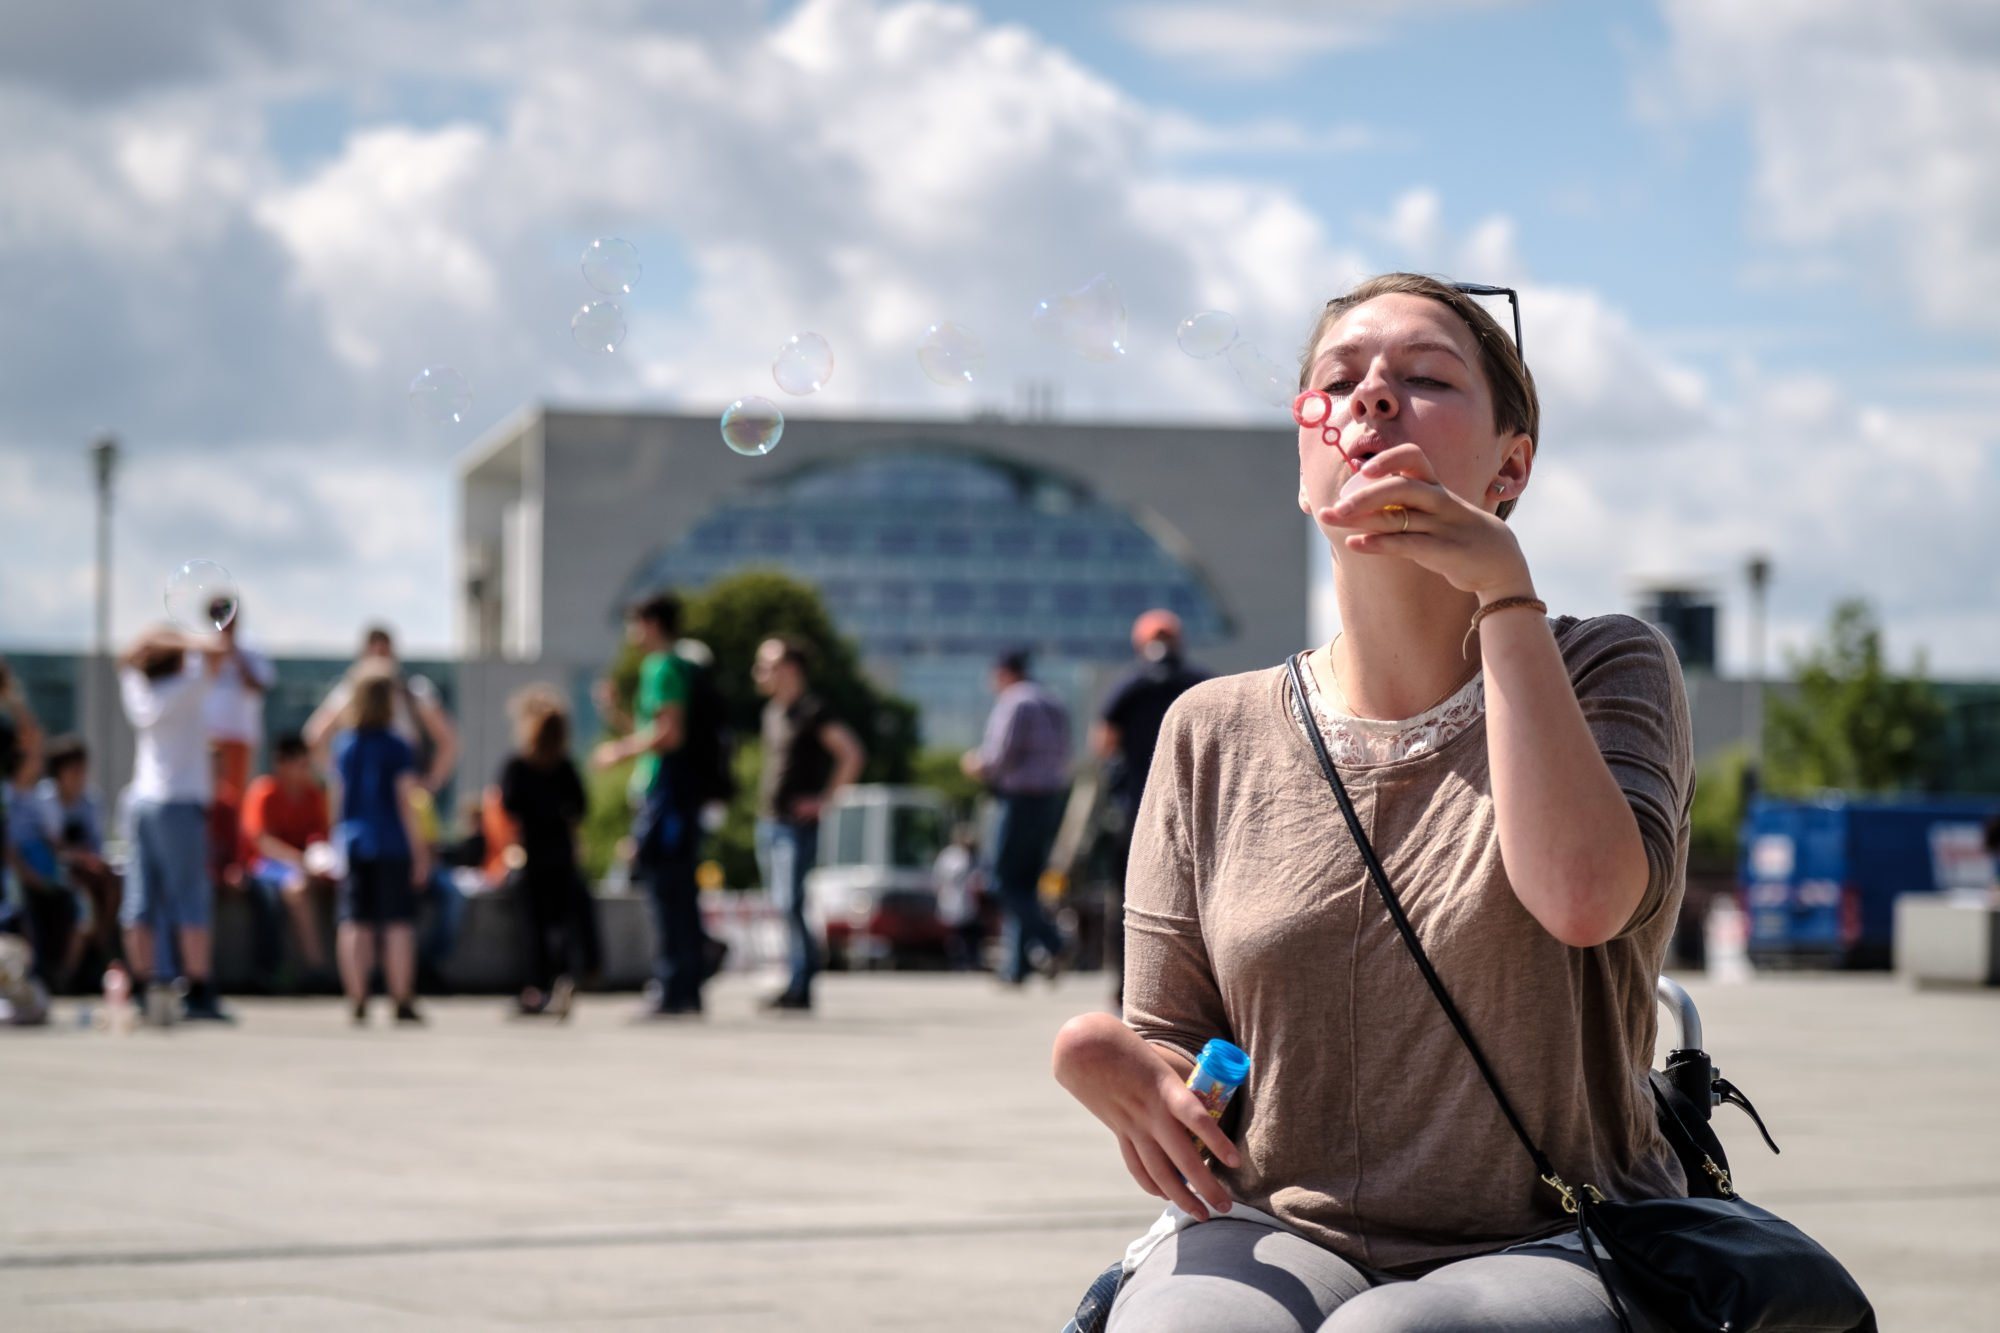 Junge Frau im Rollstuhl macht Seifenblasen. Es ist ein sonniger Tag, im Hintergrund sind Menschen verschwommen zu erkennen.